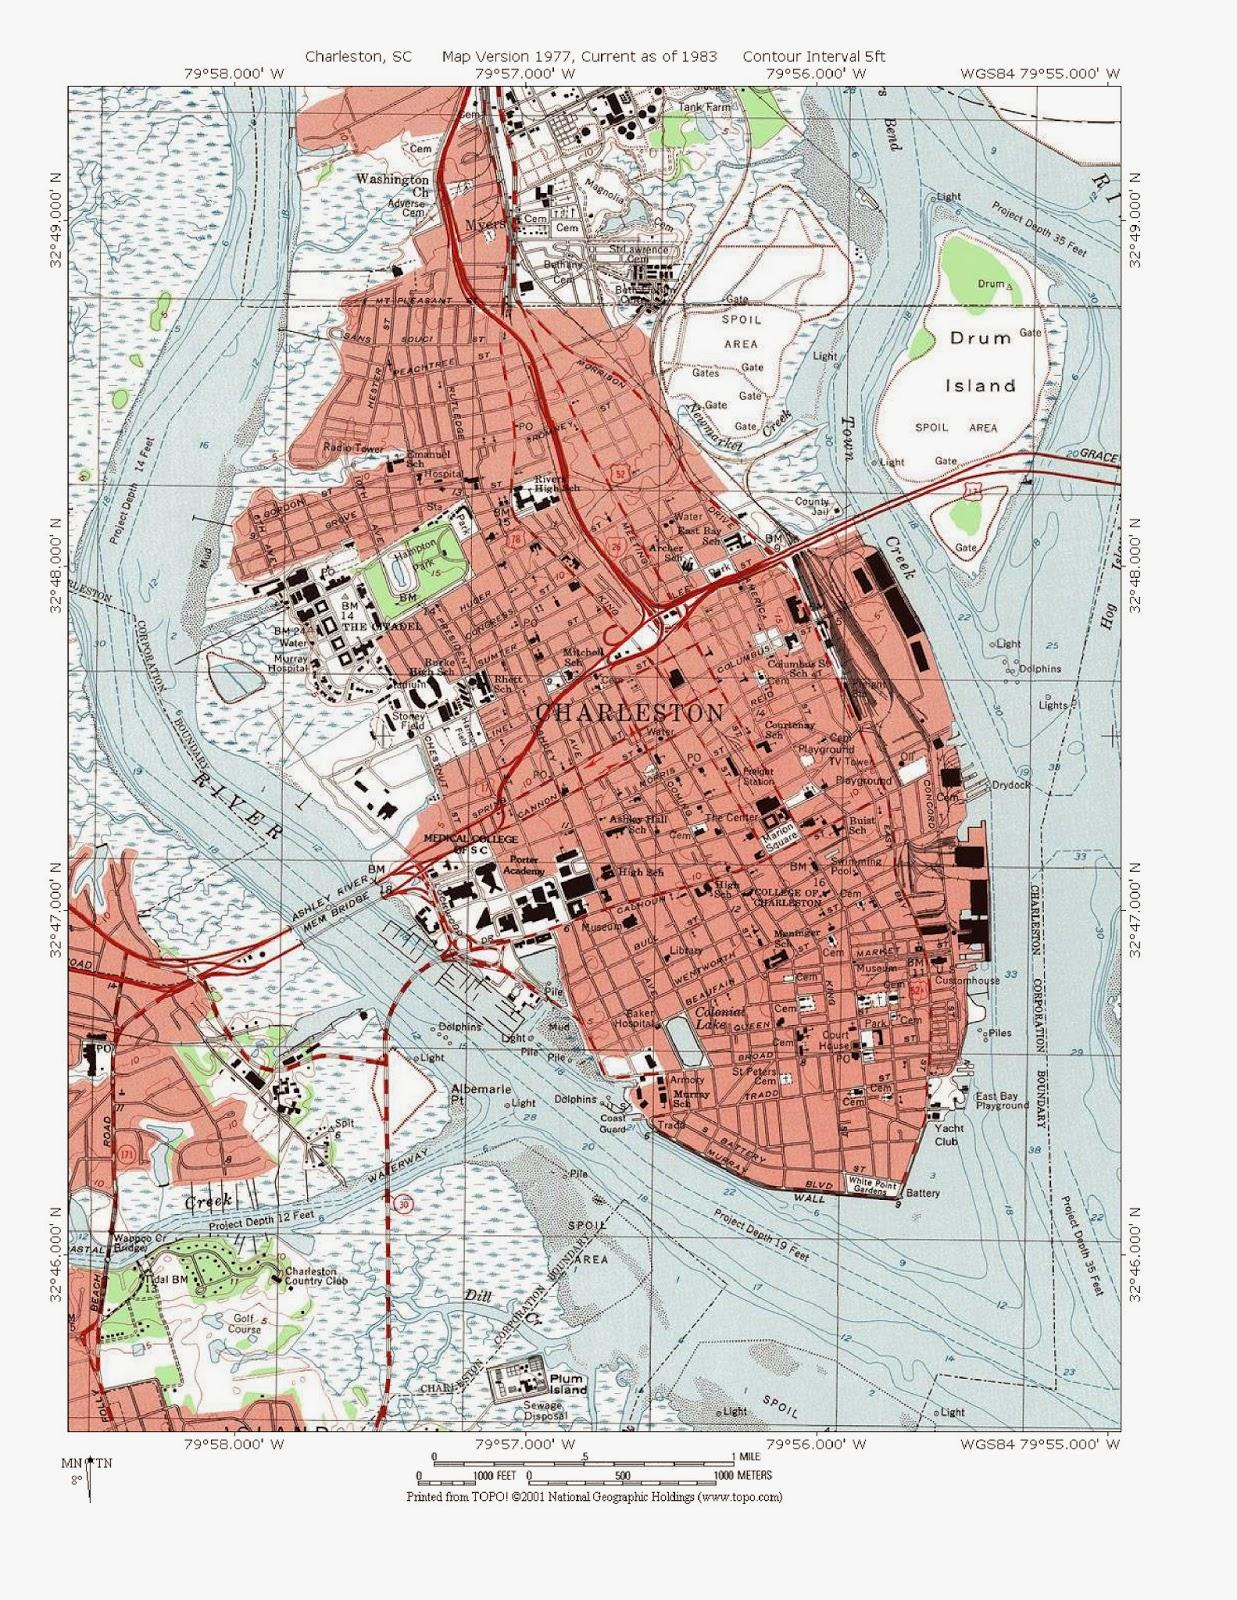 hazard map with key